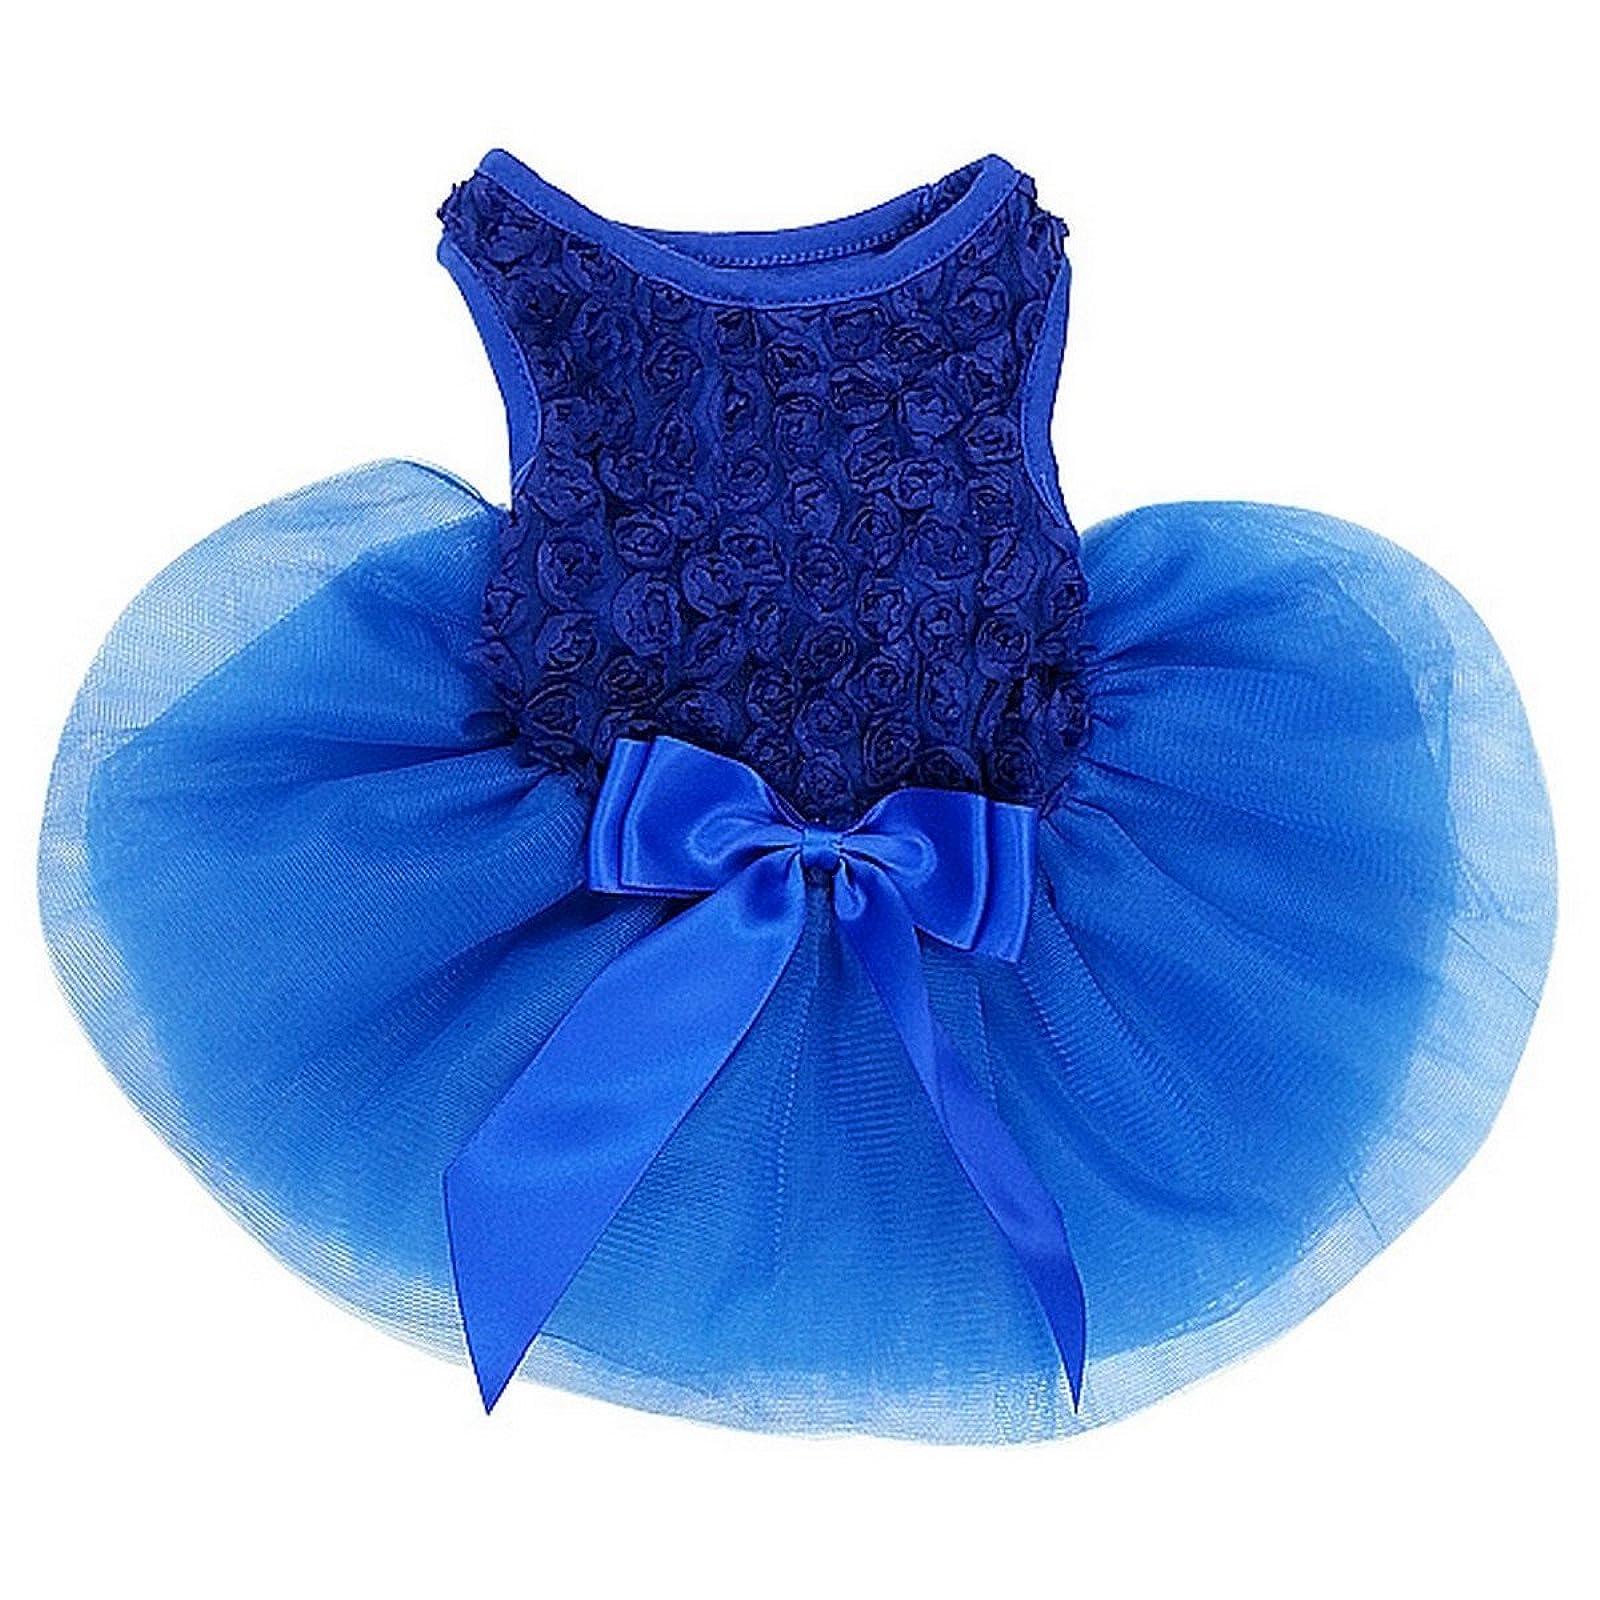 Kirei Sui Rosettes Dog Dress Dog Dress PETDJZ2L Royal Blue - 1